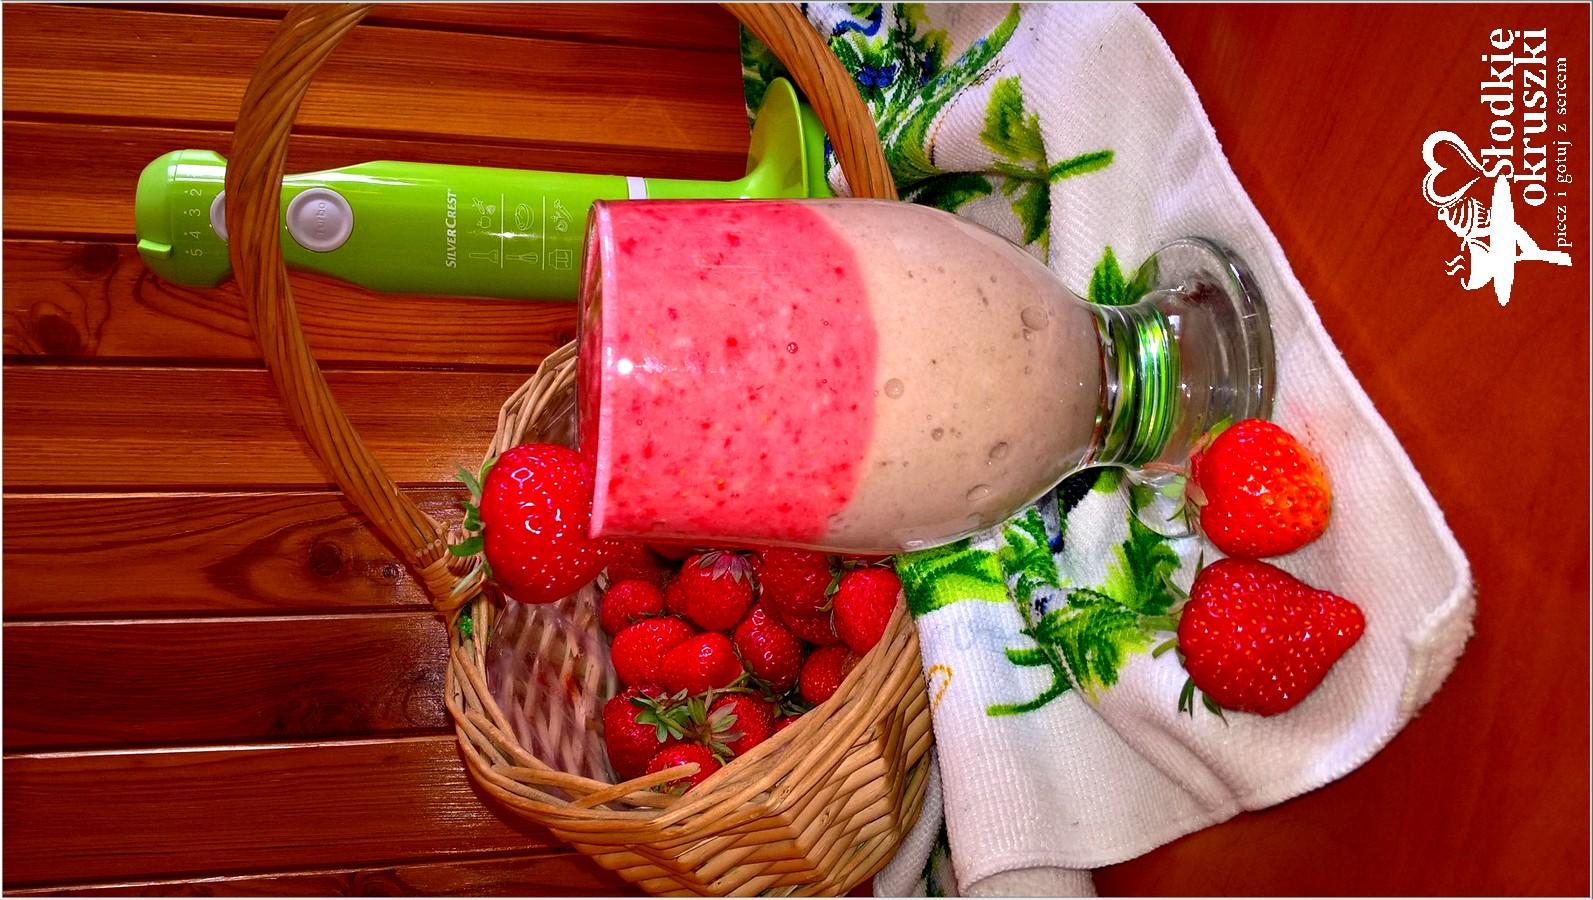 Zdrowy deser owocowy i maślane placuszki  (1)